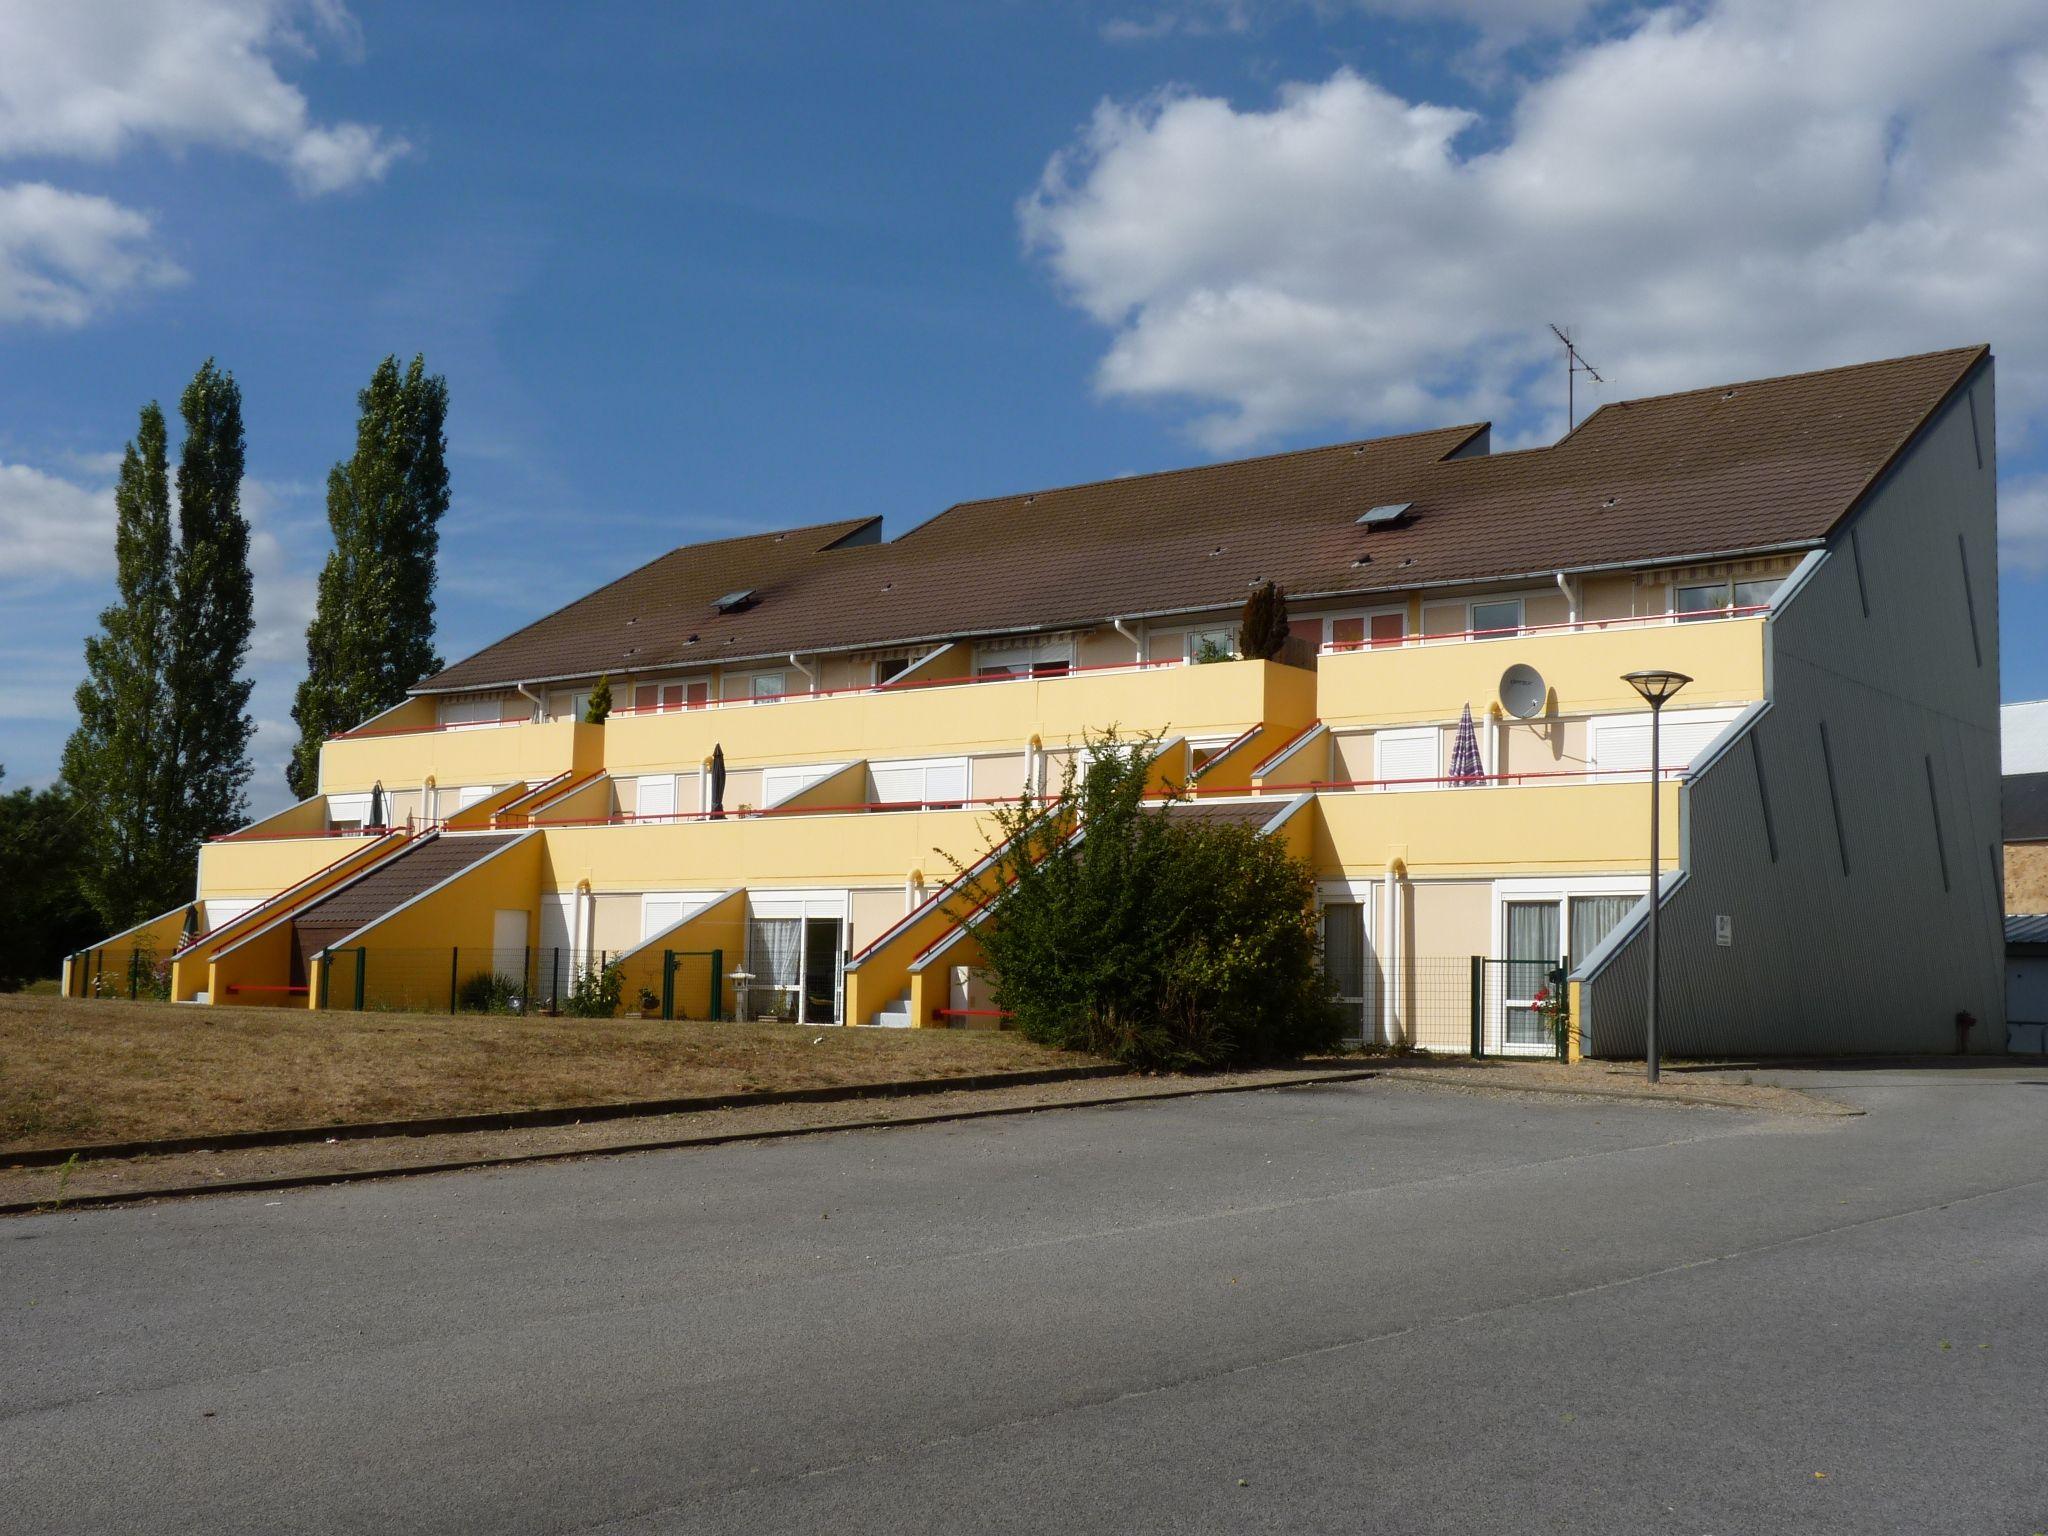 Logement mortagne locataion appartement t2 for Entretien exterieur locataire